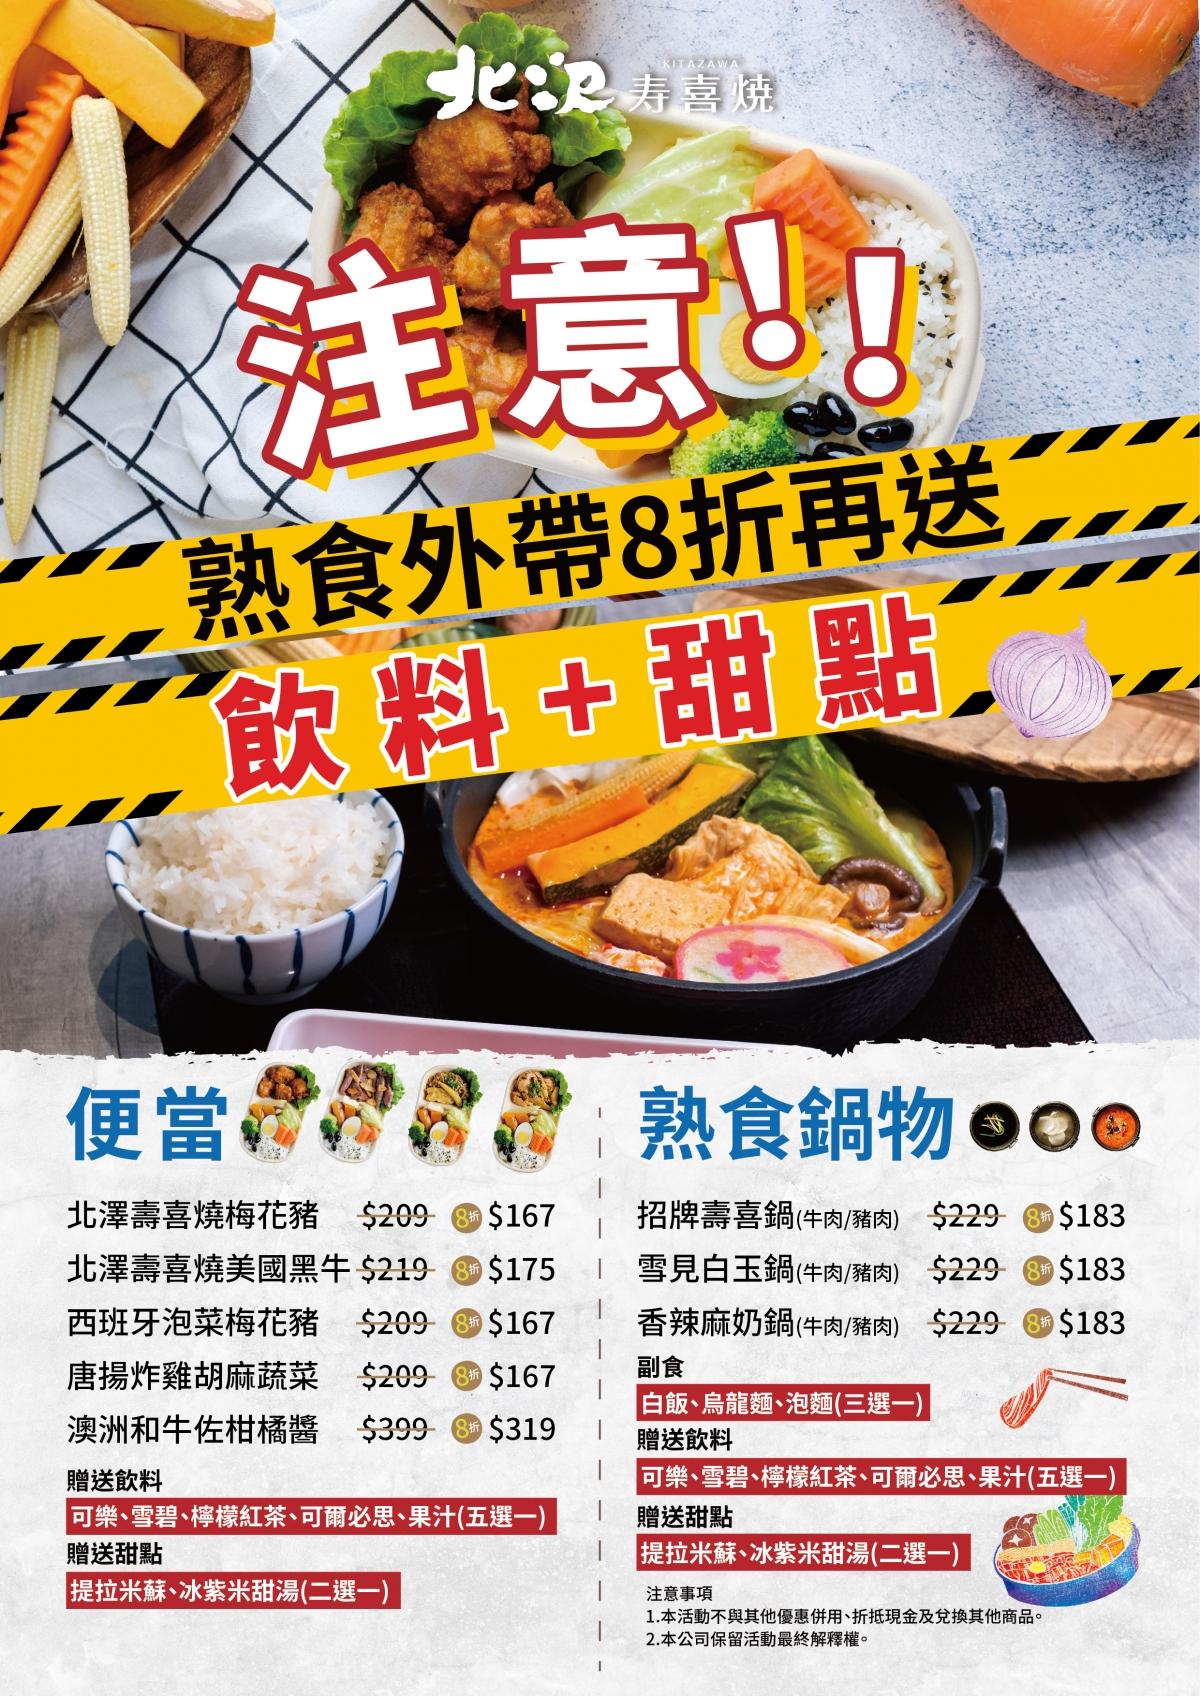 北澤壽喜燒_外帶熟食餐點加碼贈